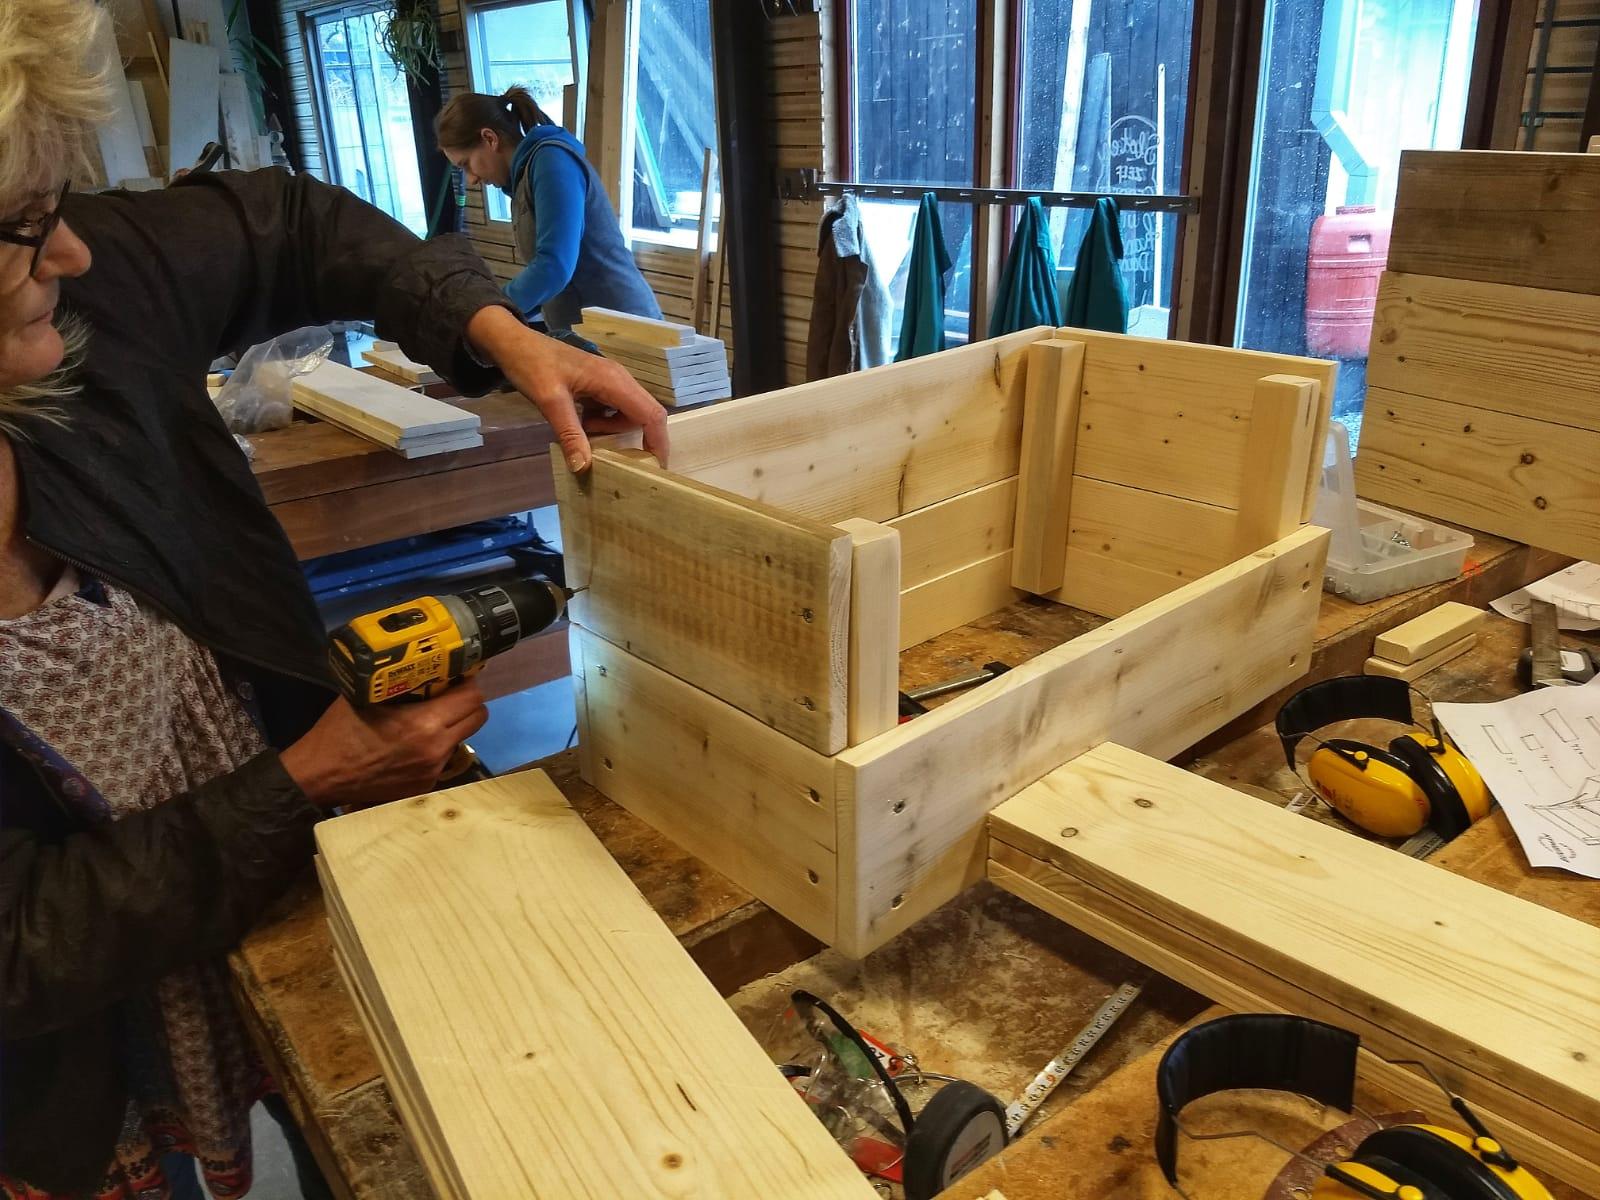 Bouw het zelf - Deze workshop geeft je de vrijheid om zelf te bepalen wat jullie gaan bouwen. Wordt het een plantenbak, koffietafel of loungebank? Wij helpen jullie bouwdroom uit te voeren!